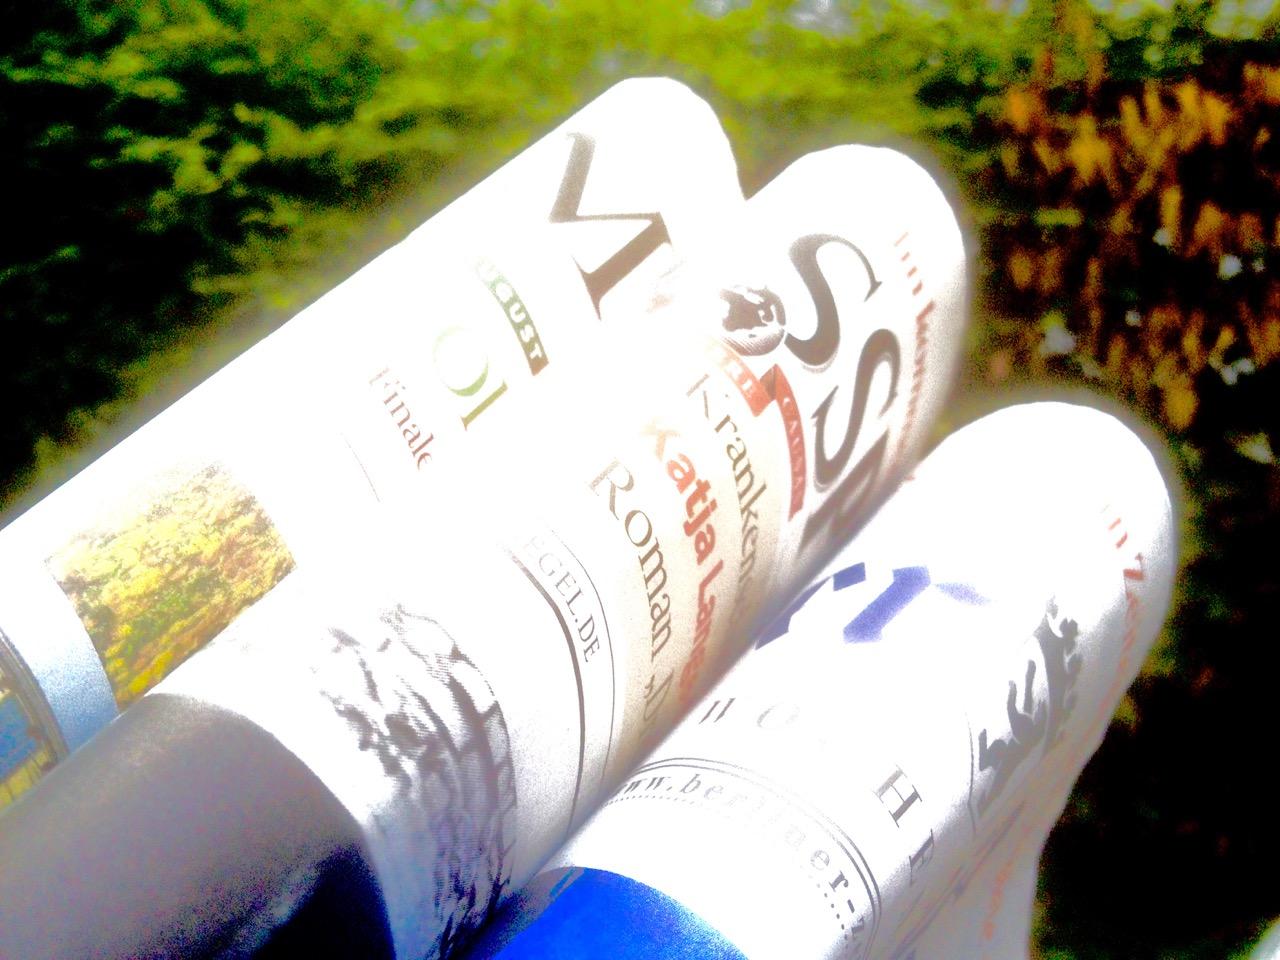 Tägliche Dosis Pressepack - und der Stoff, aus dem der NEWS RIDE ist